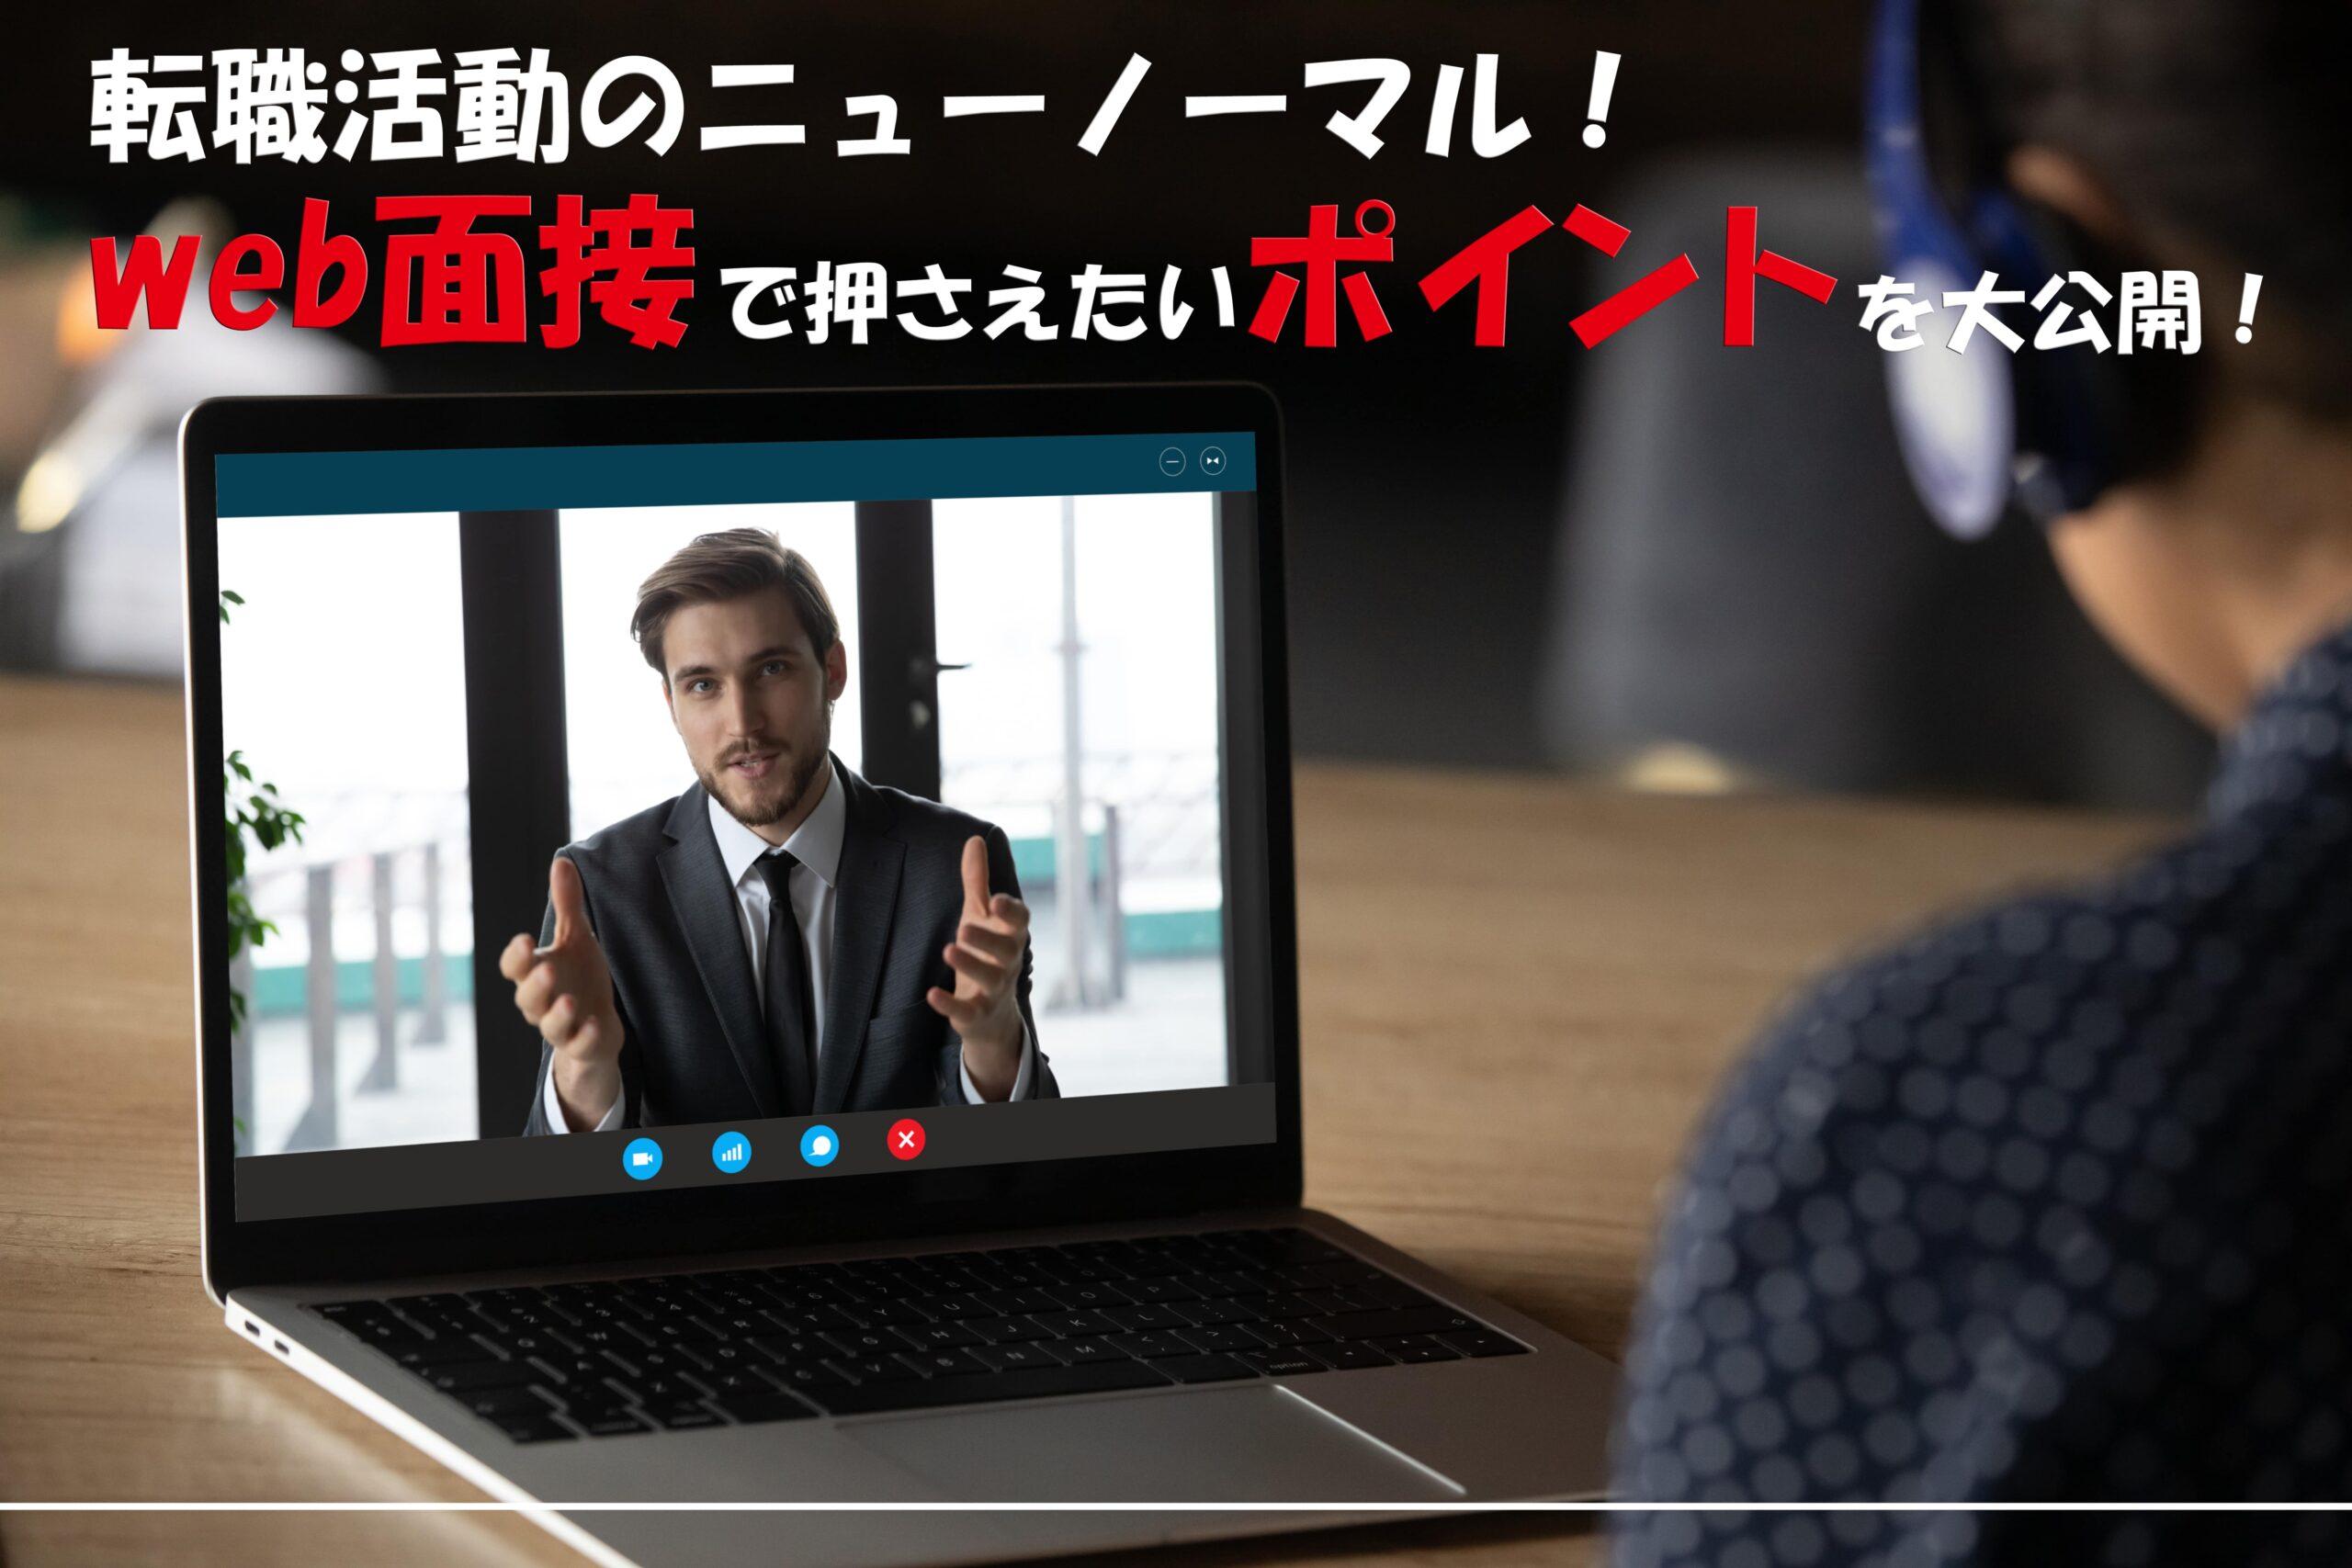 転職活動のニューノーマル!web面接で押さえたいポイントを大公開!